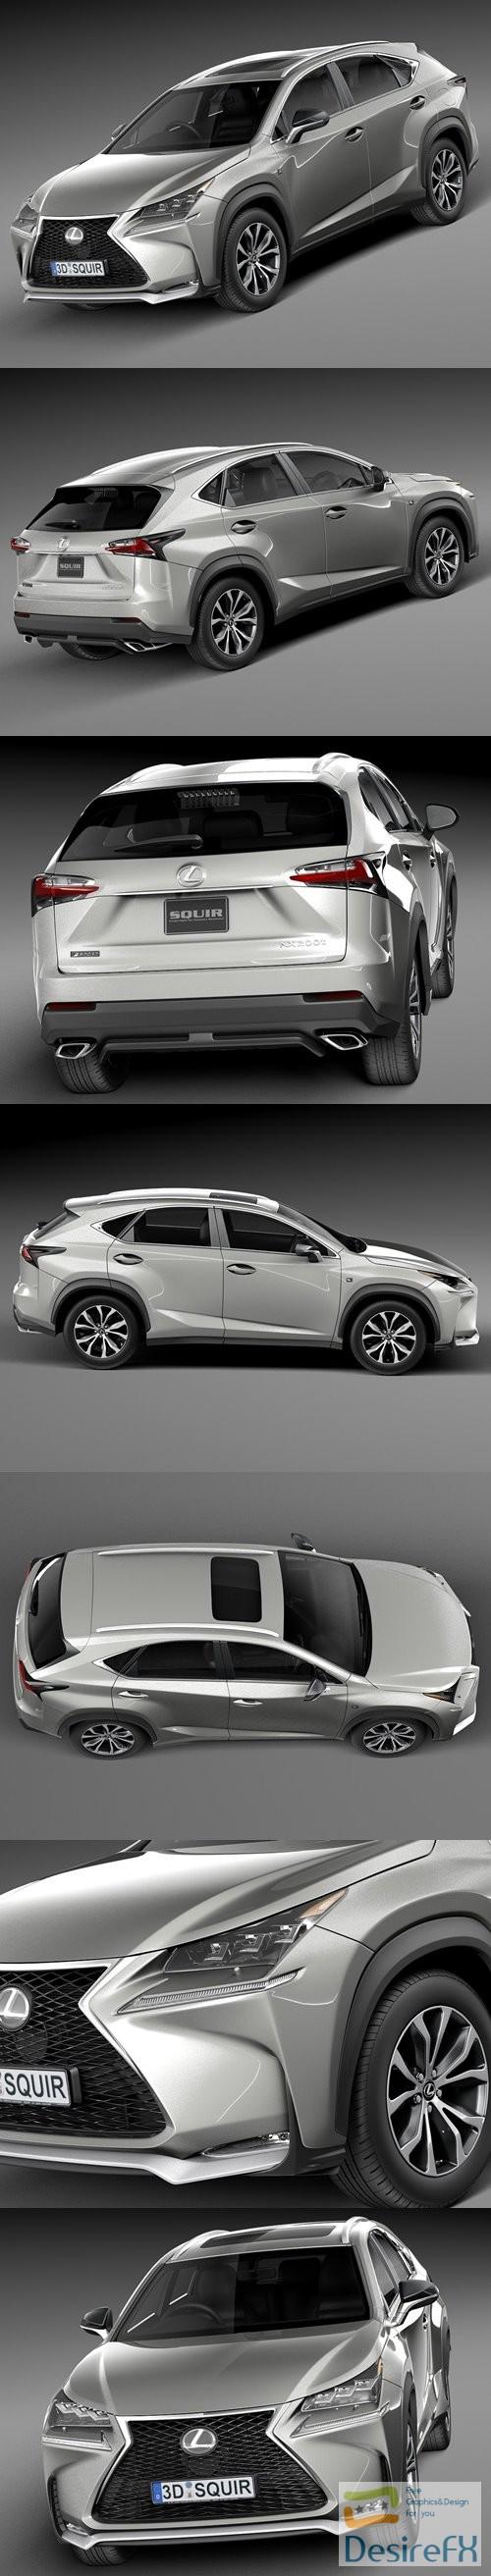 3d-models - Lexus NX 200t 2015 3D Model